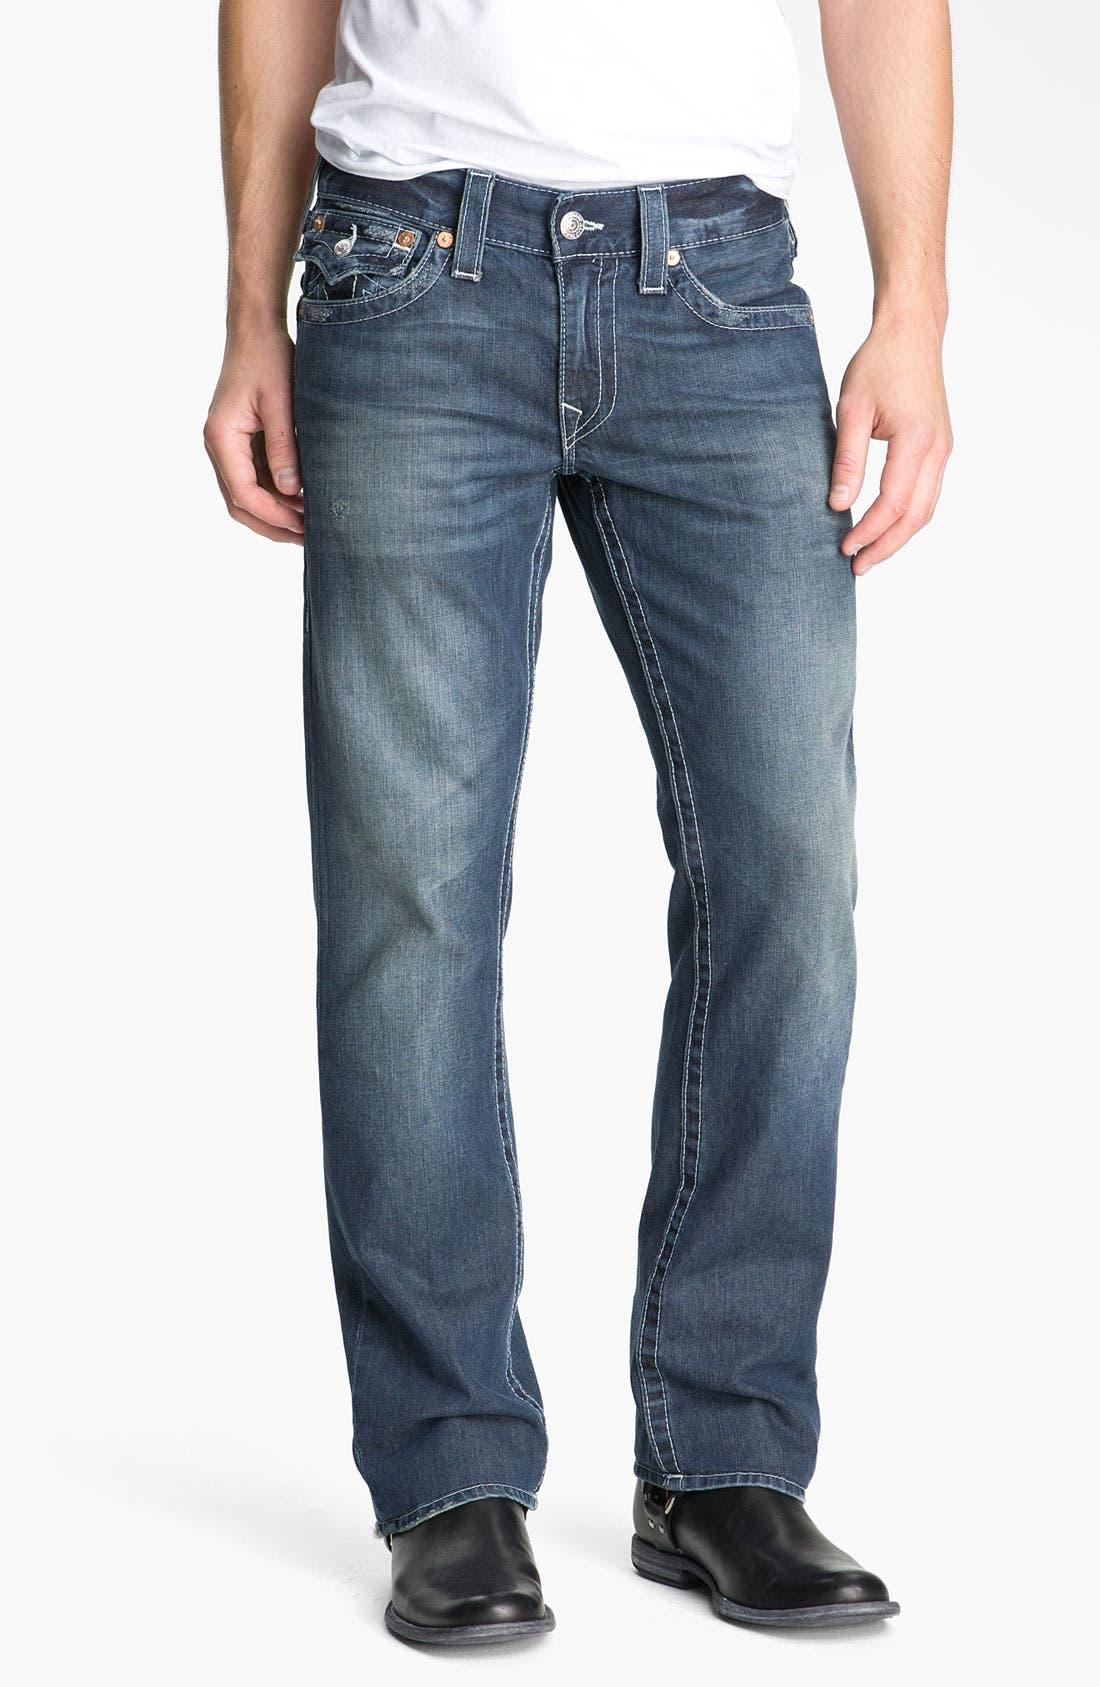 Alternate Image 2  - True Religion Brand Jeans 'Ricky - Natural' Straight Leg Jeans (Surfer Dark)